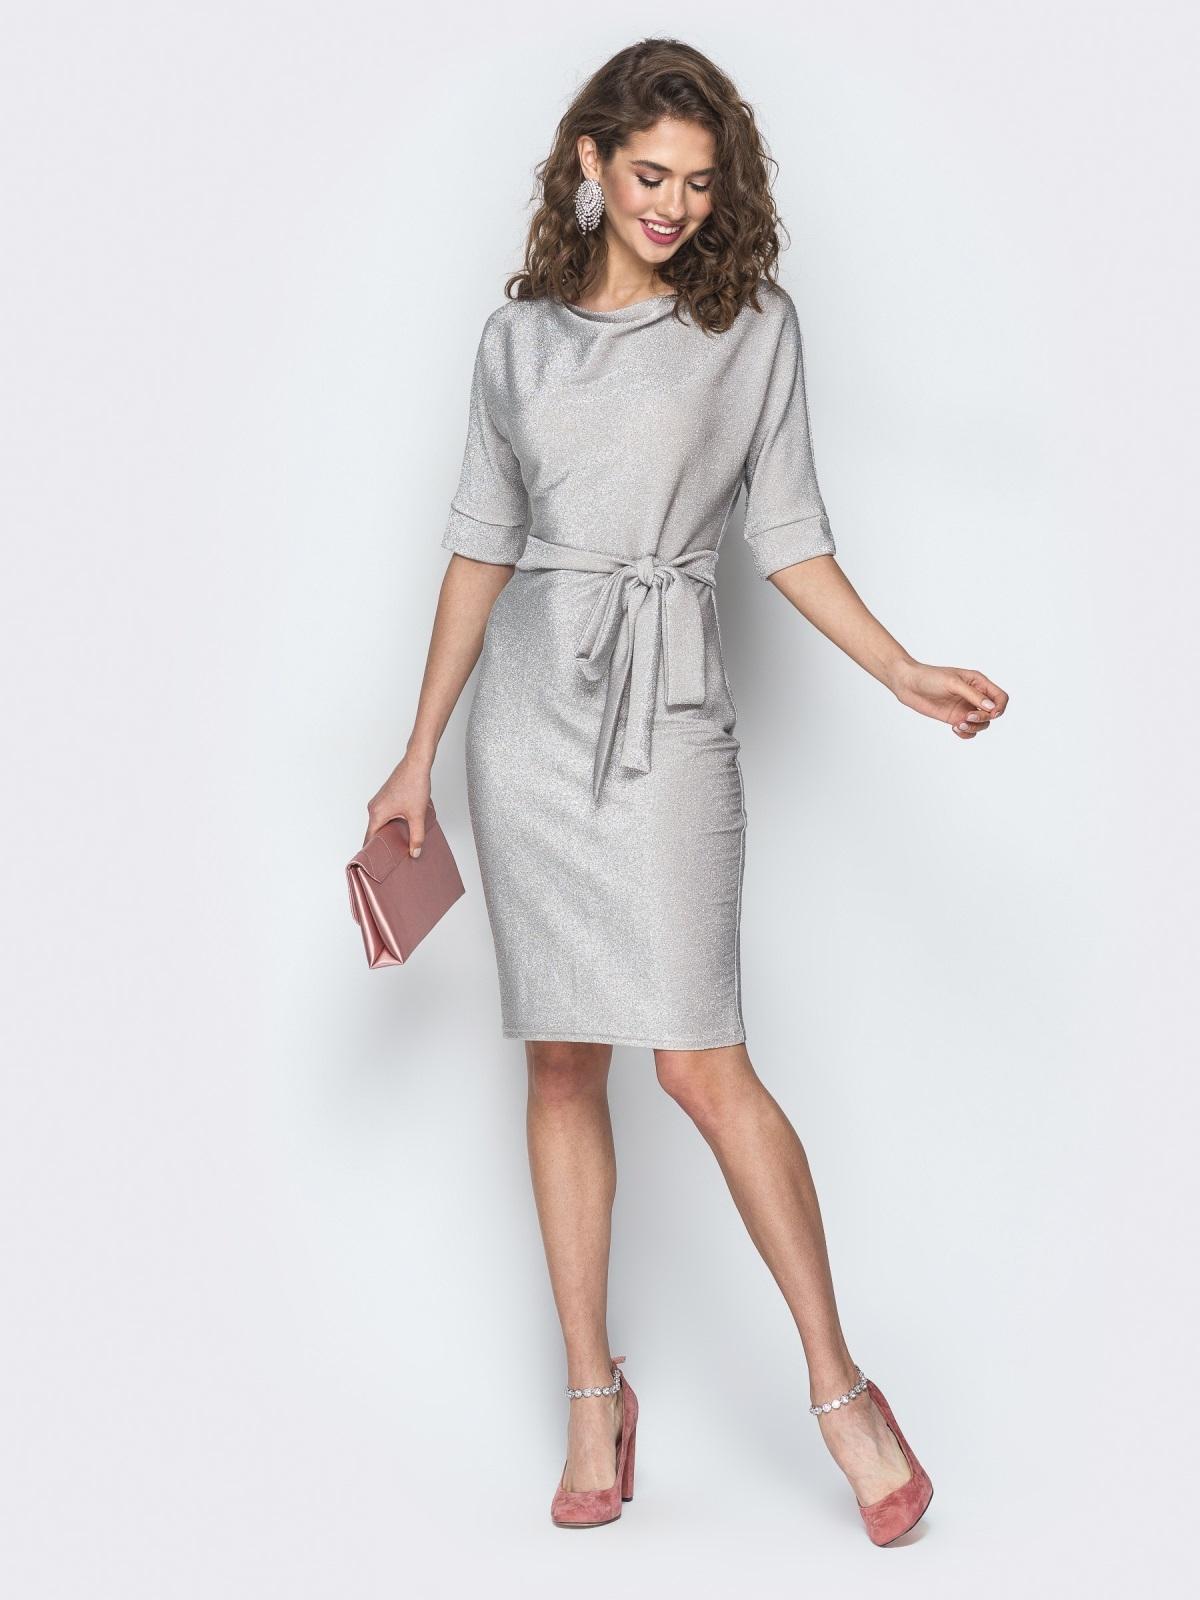 ecdc80f1899 Бежевое платье из люрекса с цельнокроеным рукавом 18608 – купить в ...